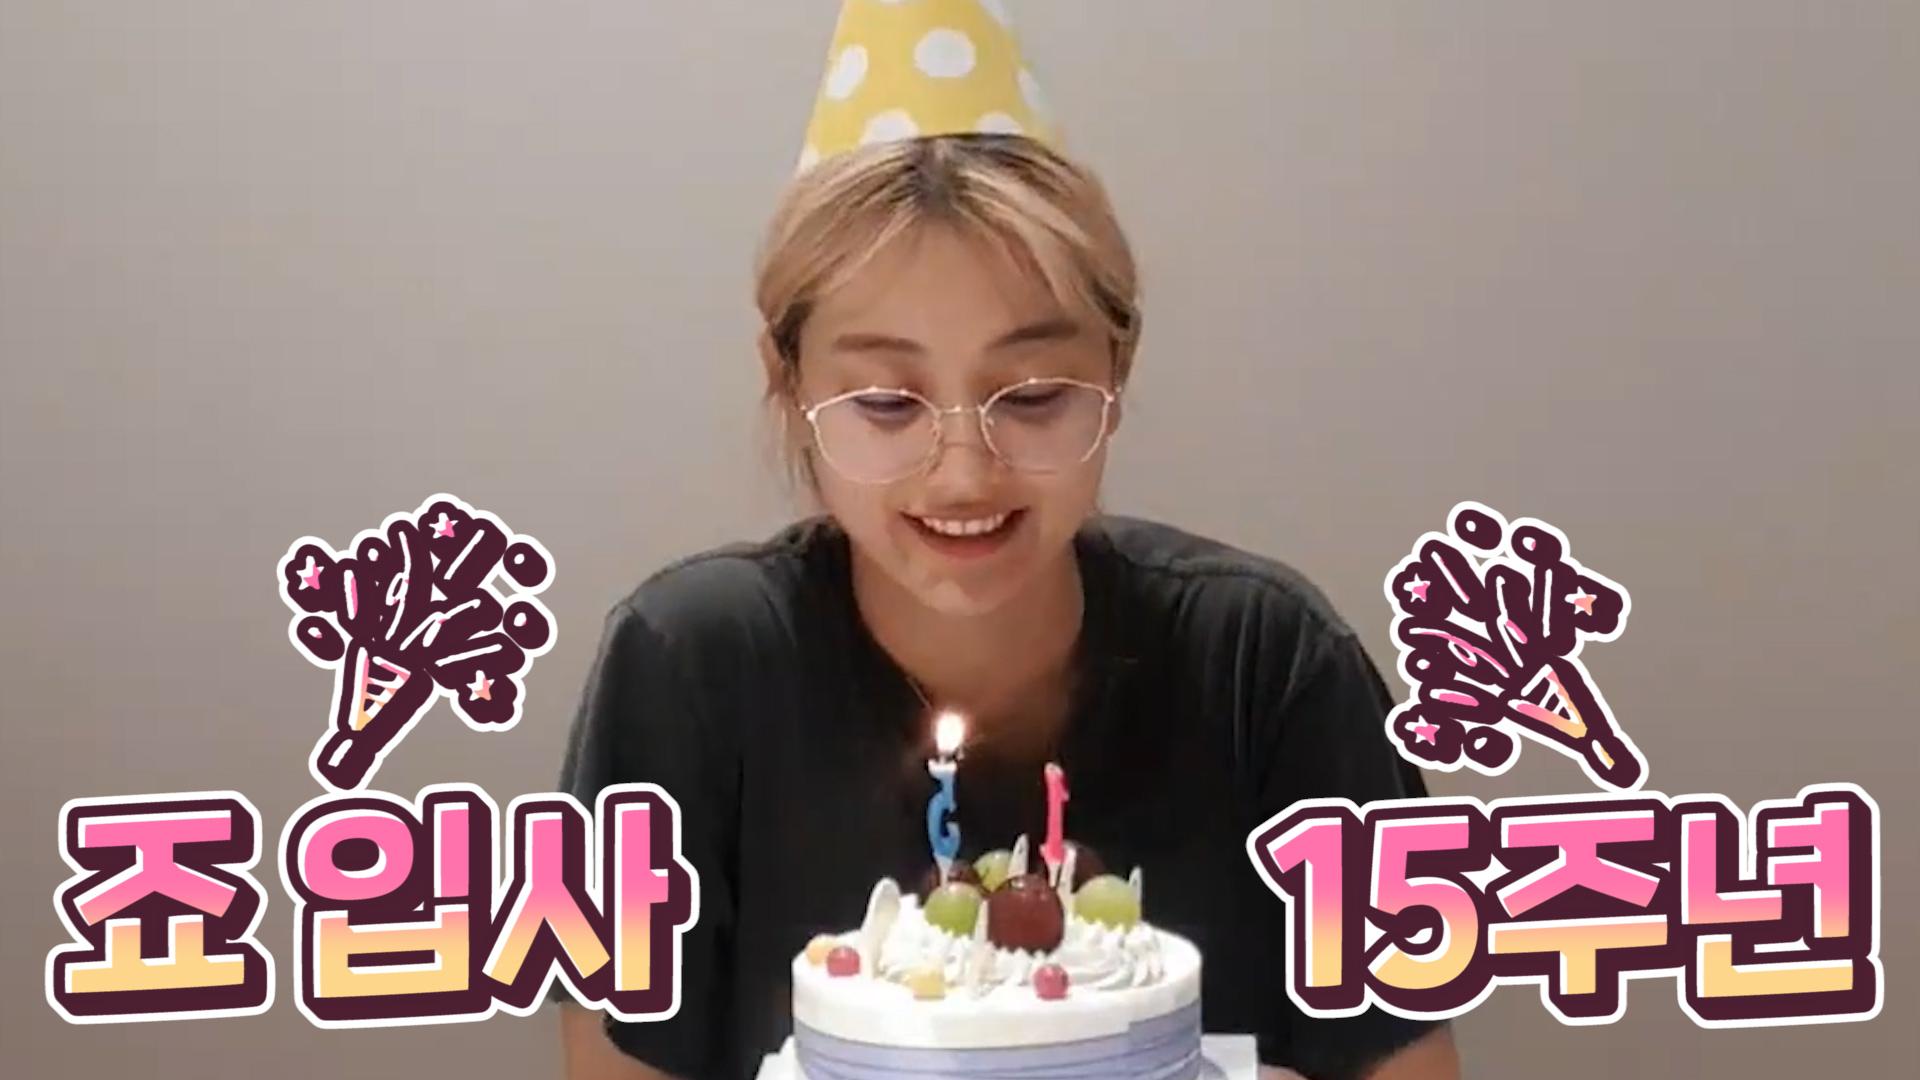 [TWICE] 🎉죠 15주년 축하 환상의 행성저글링쇼 보여드리겠습니다🌏 (Jihyo's 15th anniversary since joining JYP)